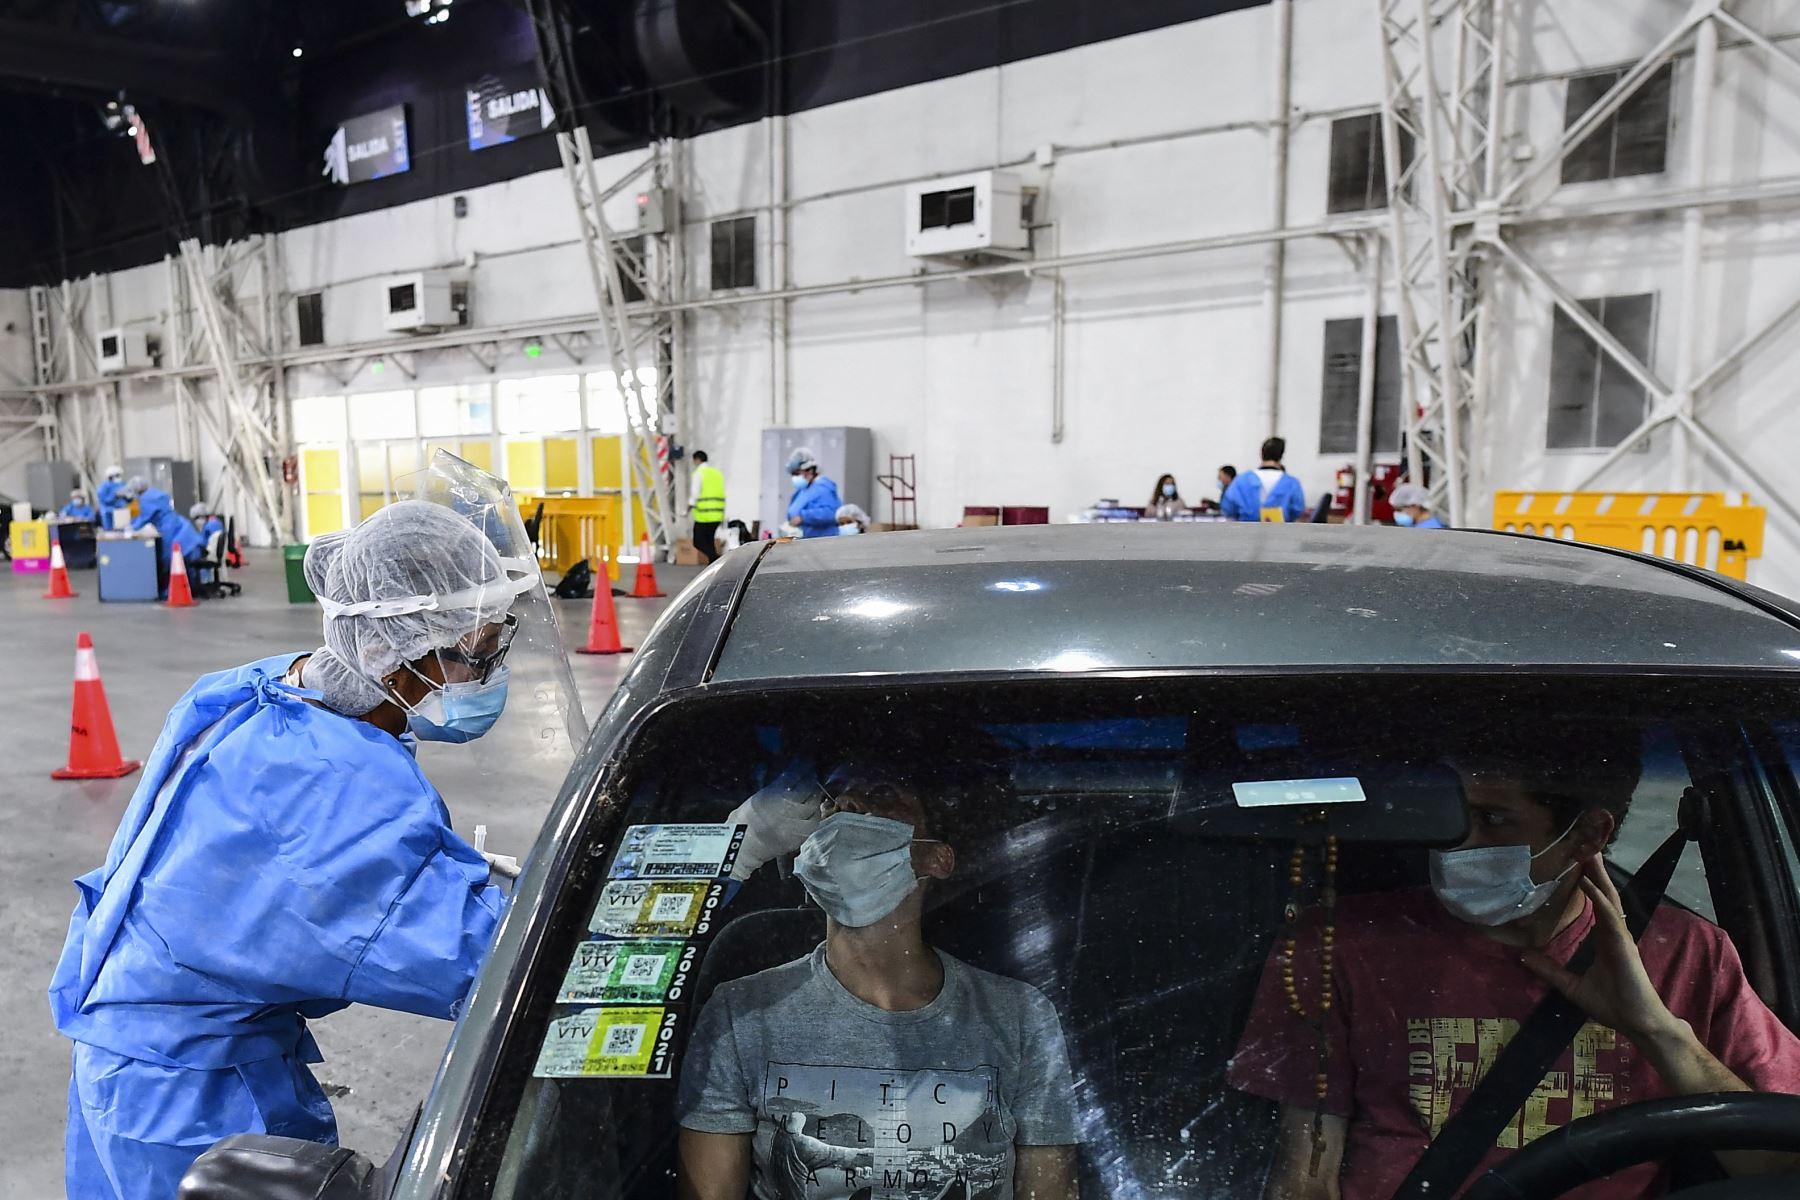 Un trabajador de salud recolecta muestras para la prueba de detección de casos de coronavirus dentro de un automóvil, en el centro de convenciones Costa Salguero, en Buenos Aires, el 5 de abril de 2021. Foto: AFP